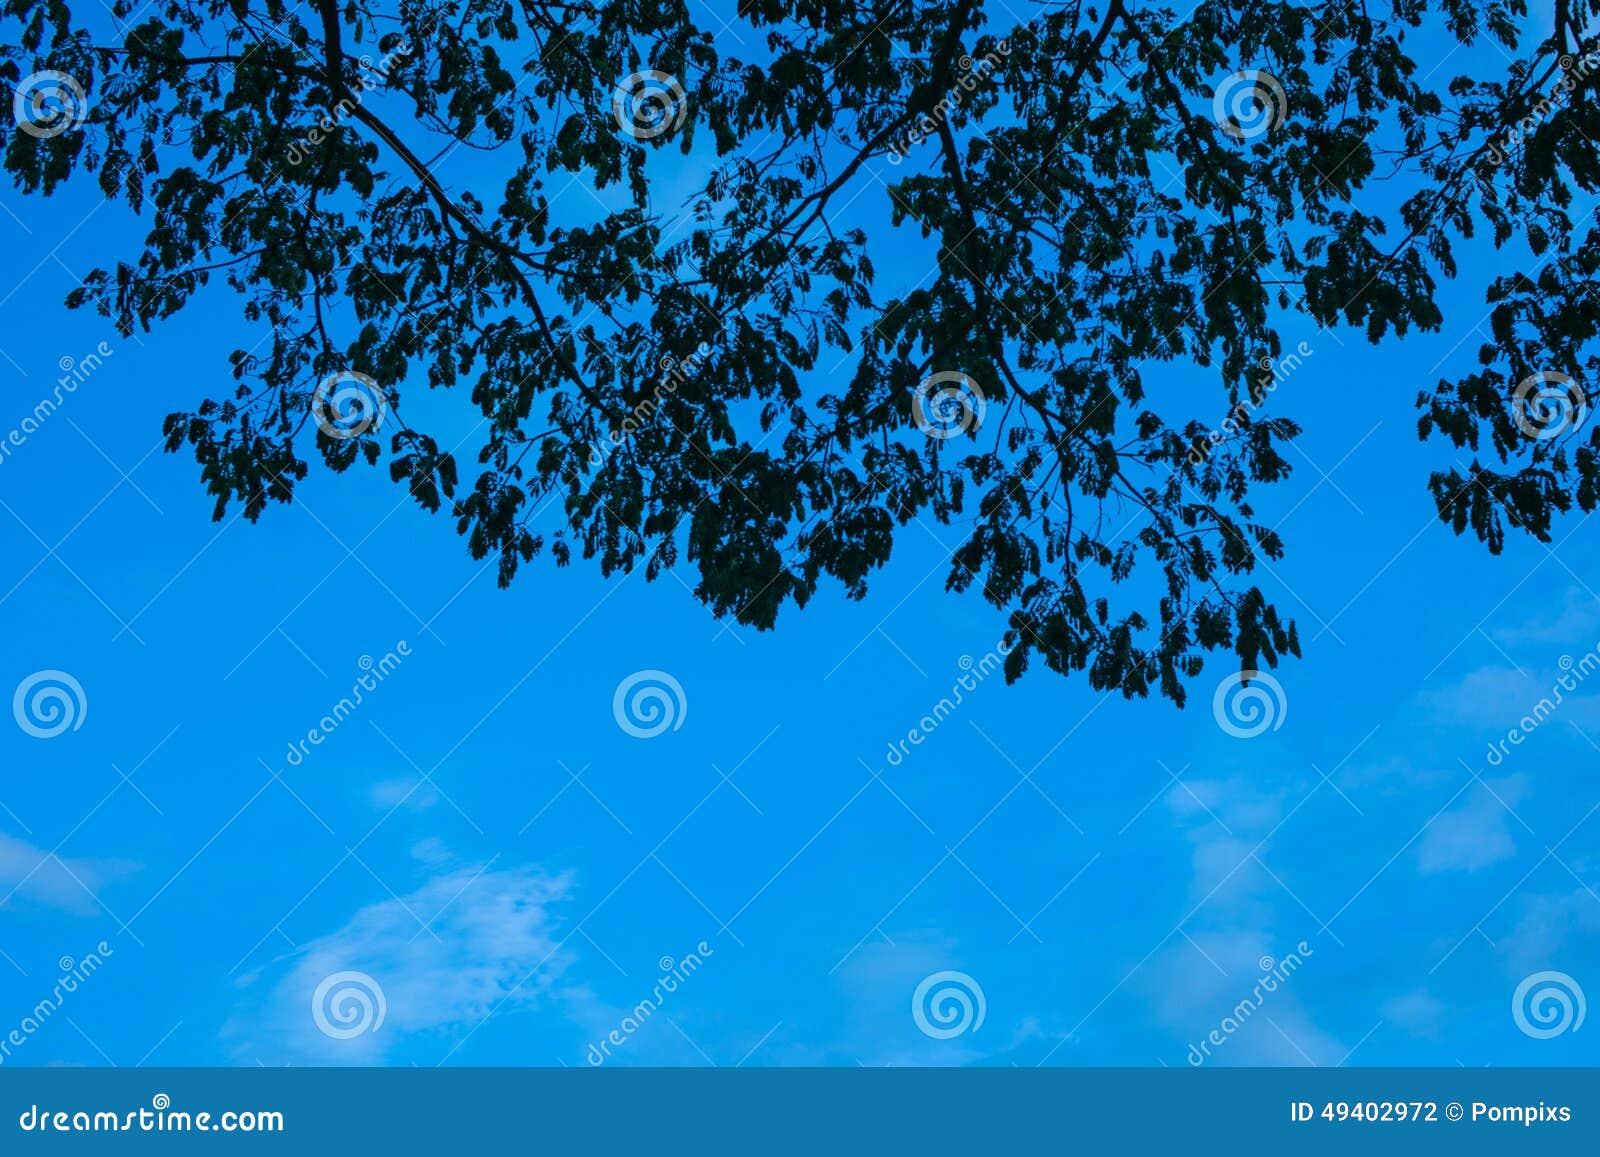 Download Schattenbildblattvordergrund Mit Blauem Himmel Stockfoto - Bild von sauerstoff, feuchtigkeit: 49402972